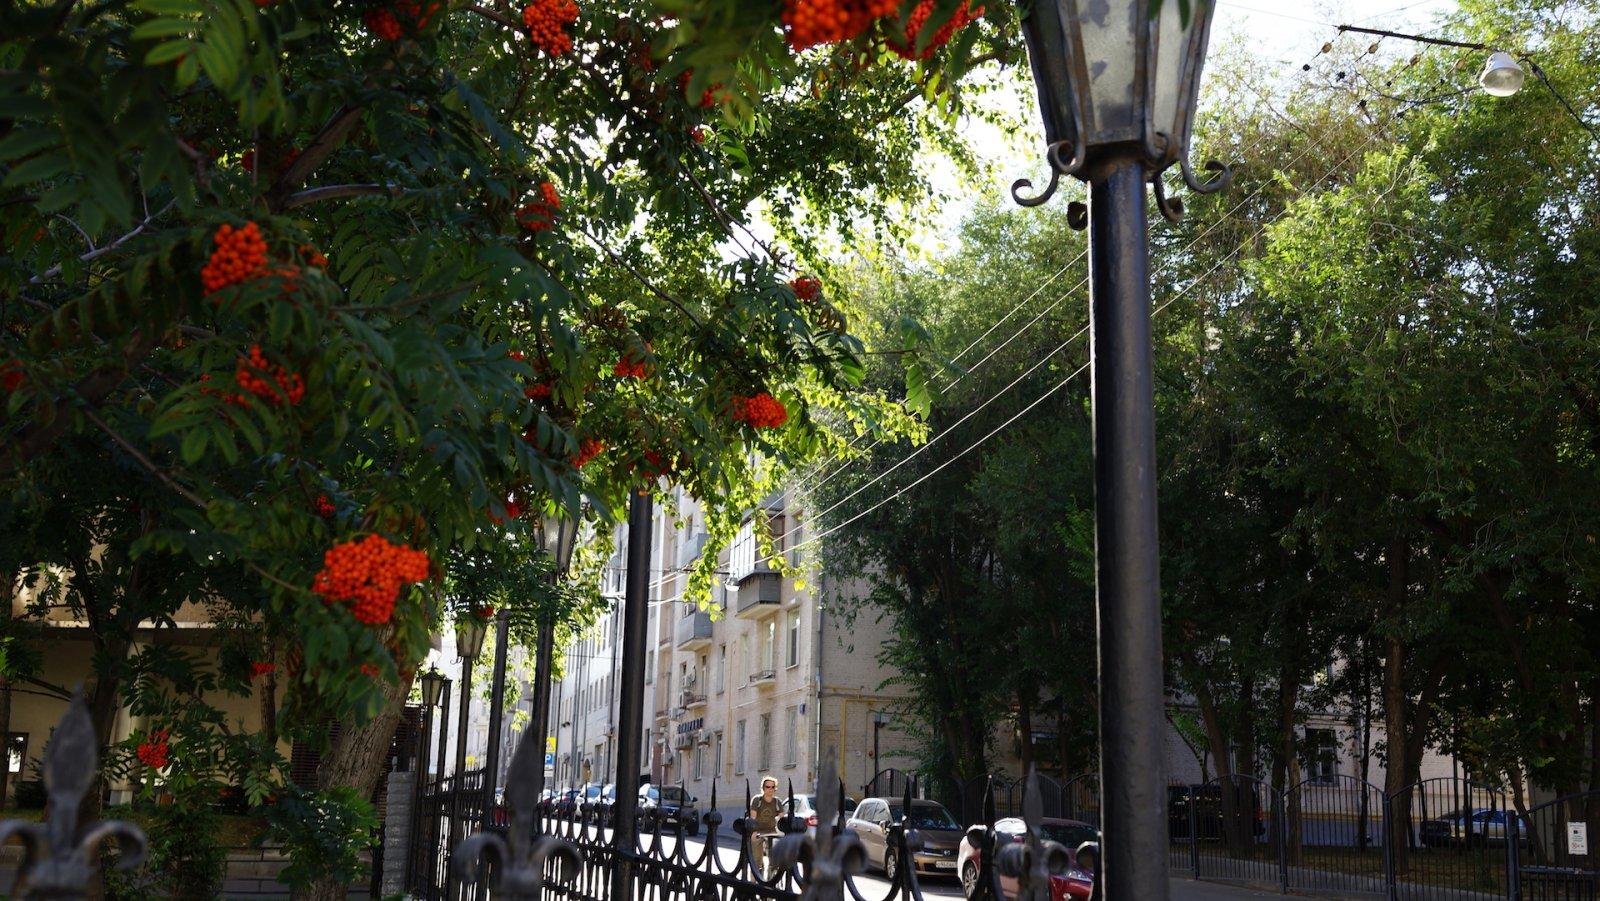 Садовое кольцо, вид с Земляного Вала на Яковоапостольский переулок, Москва 11.08.2018 г.JPG